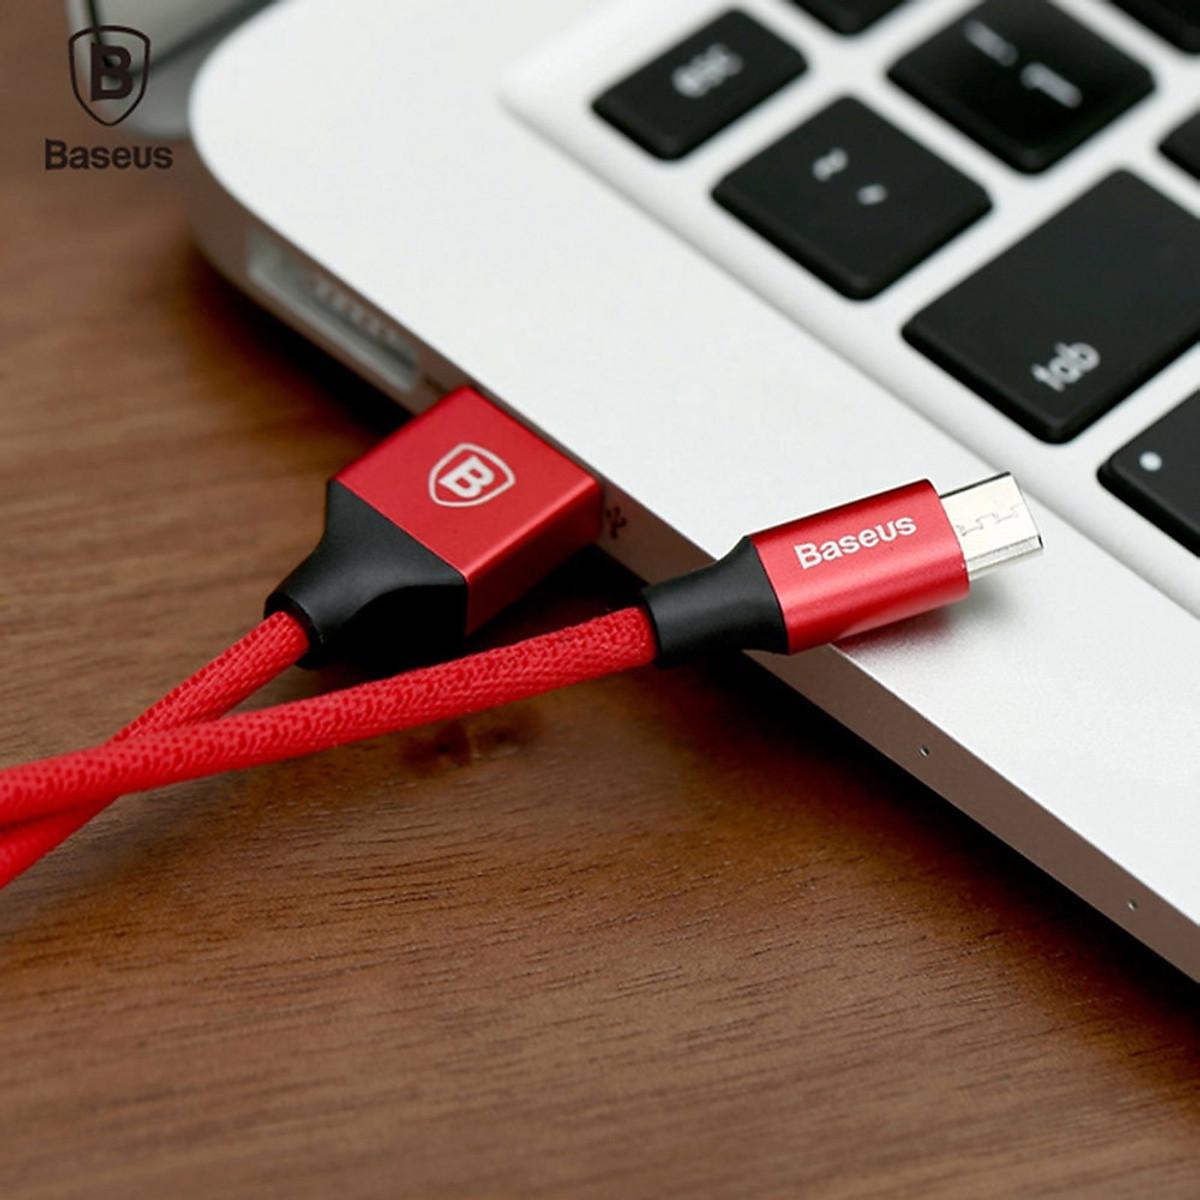 Cáp sạc USB ra Micro USB Baseus Yiven dài 1m - Hàng chính hãng 8